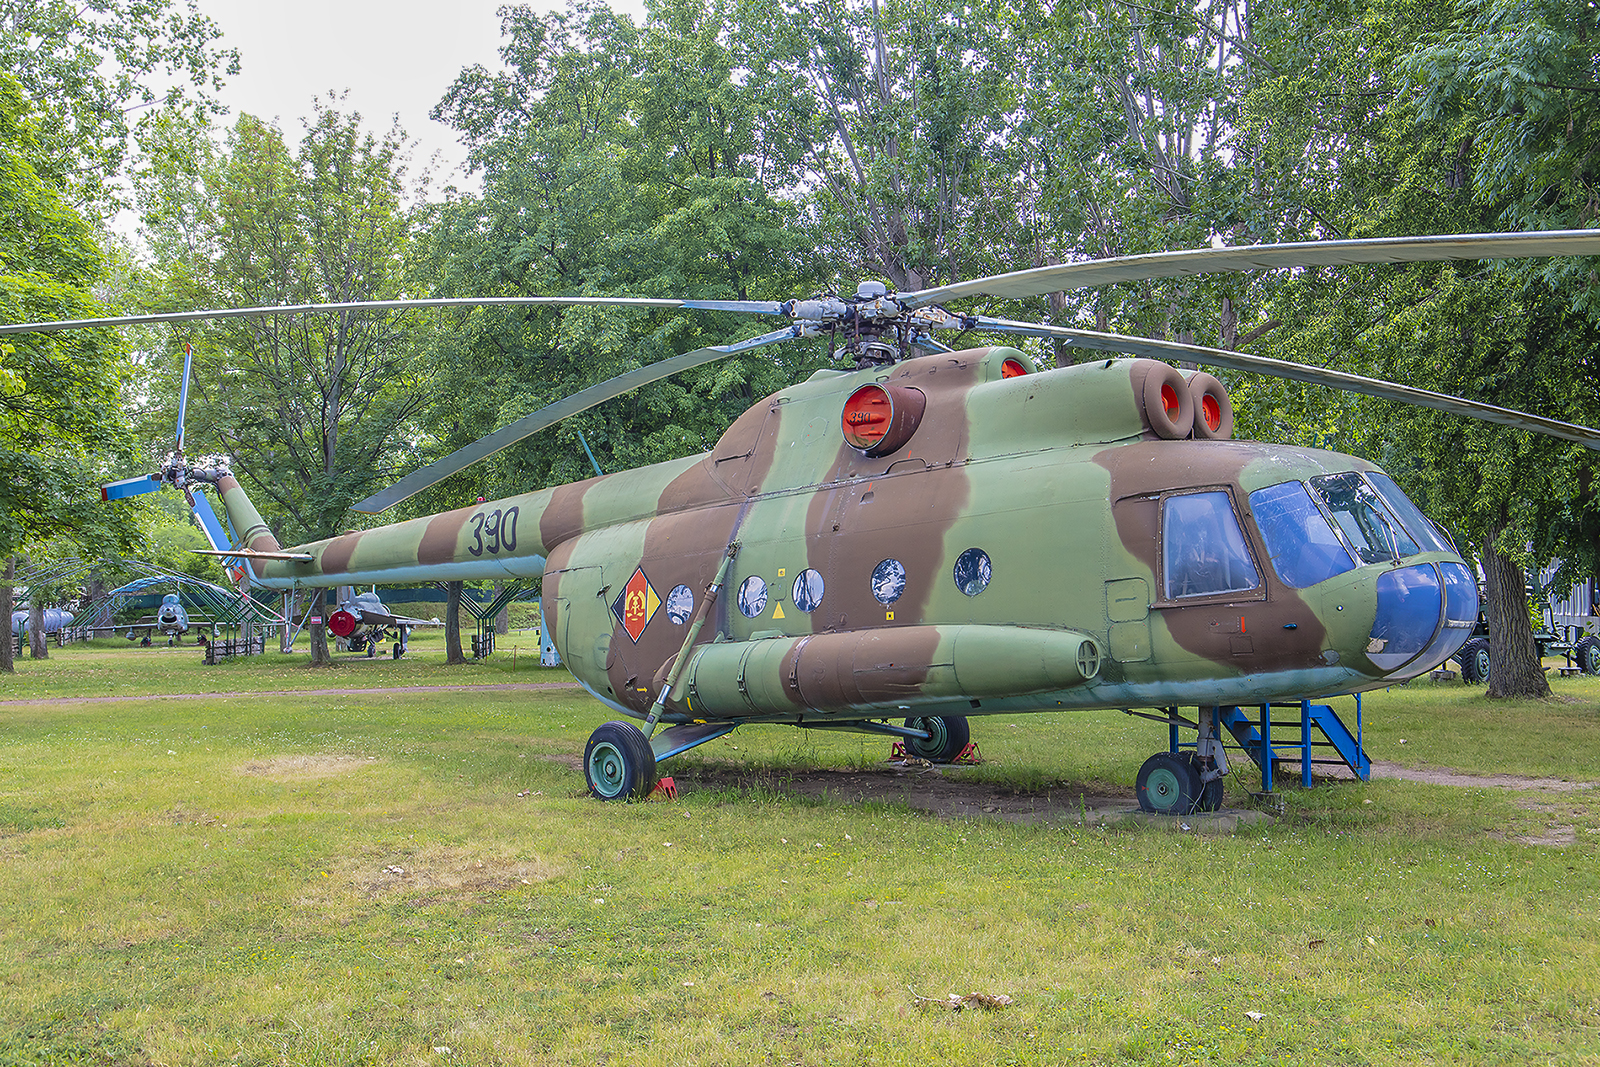 Mersenurg - Mil Mi-8T der ehemaligen NVA.